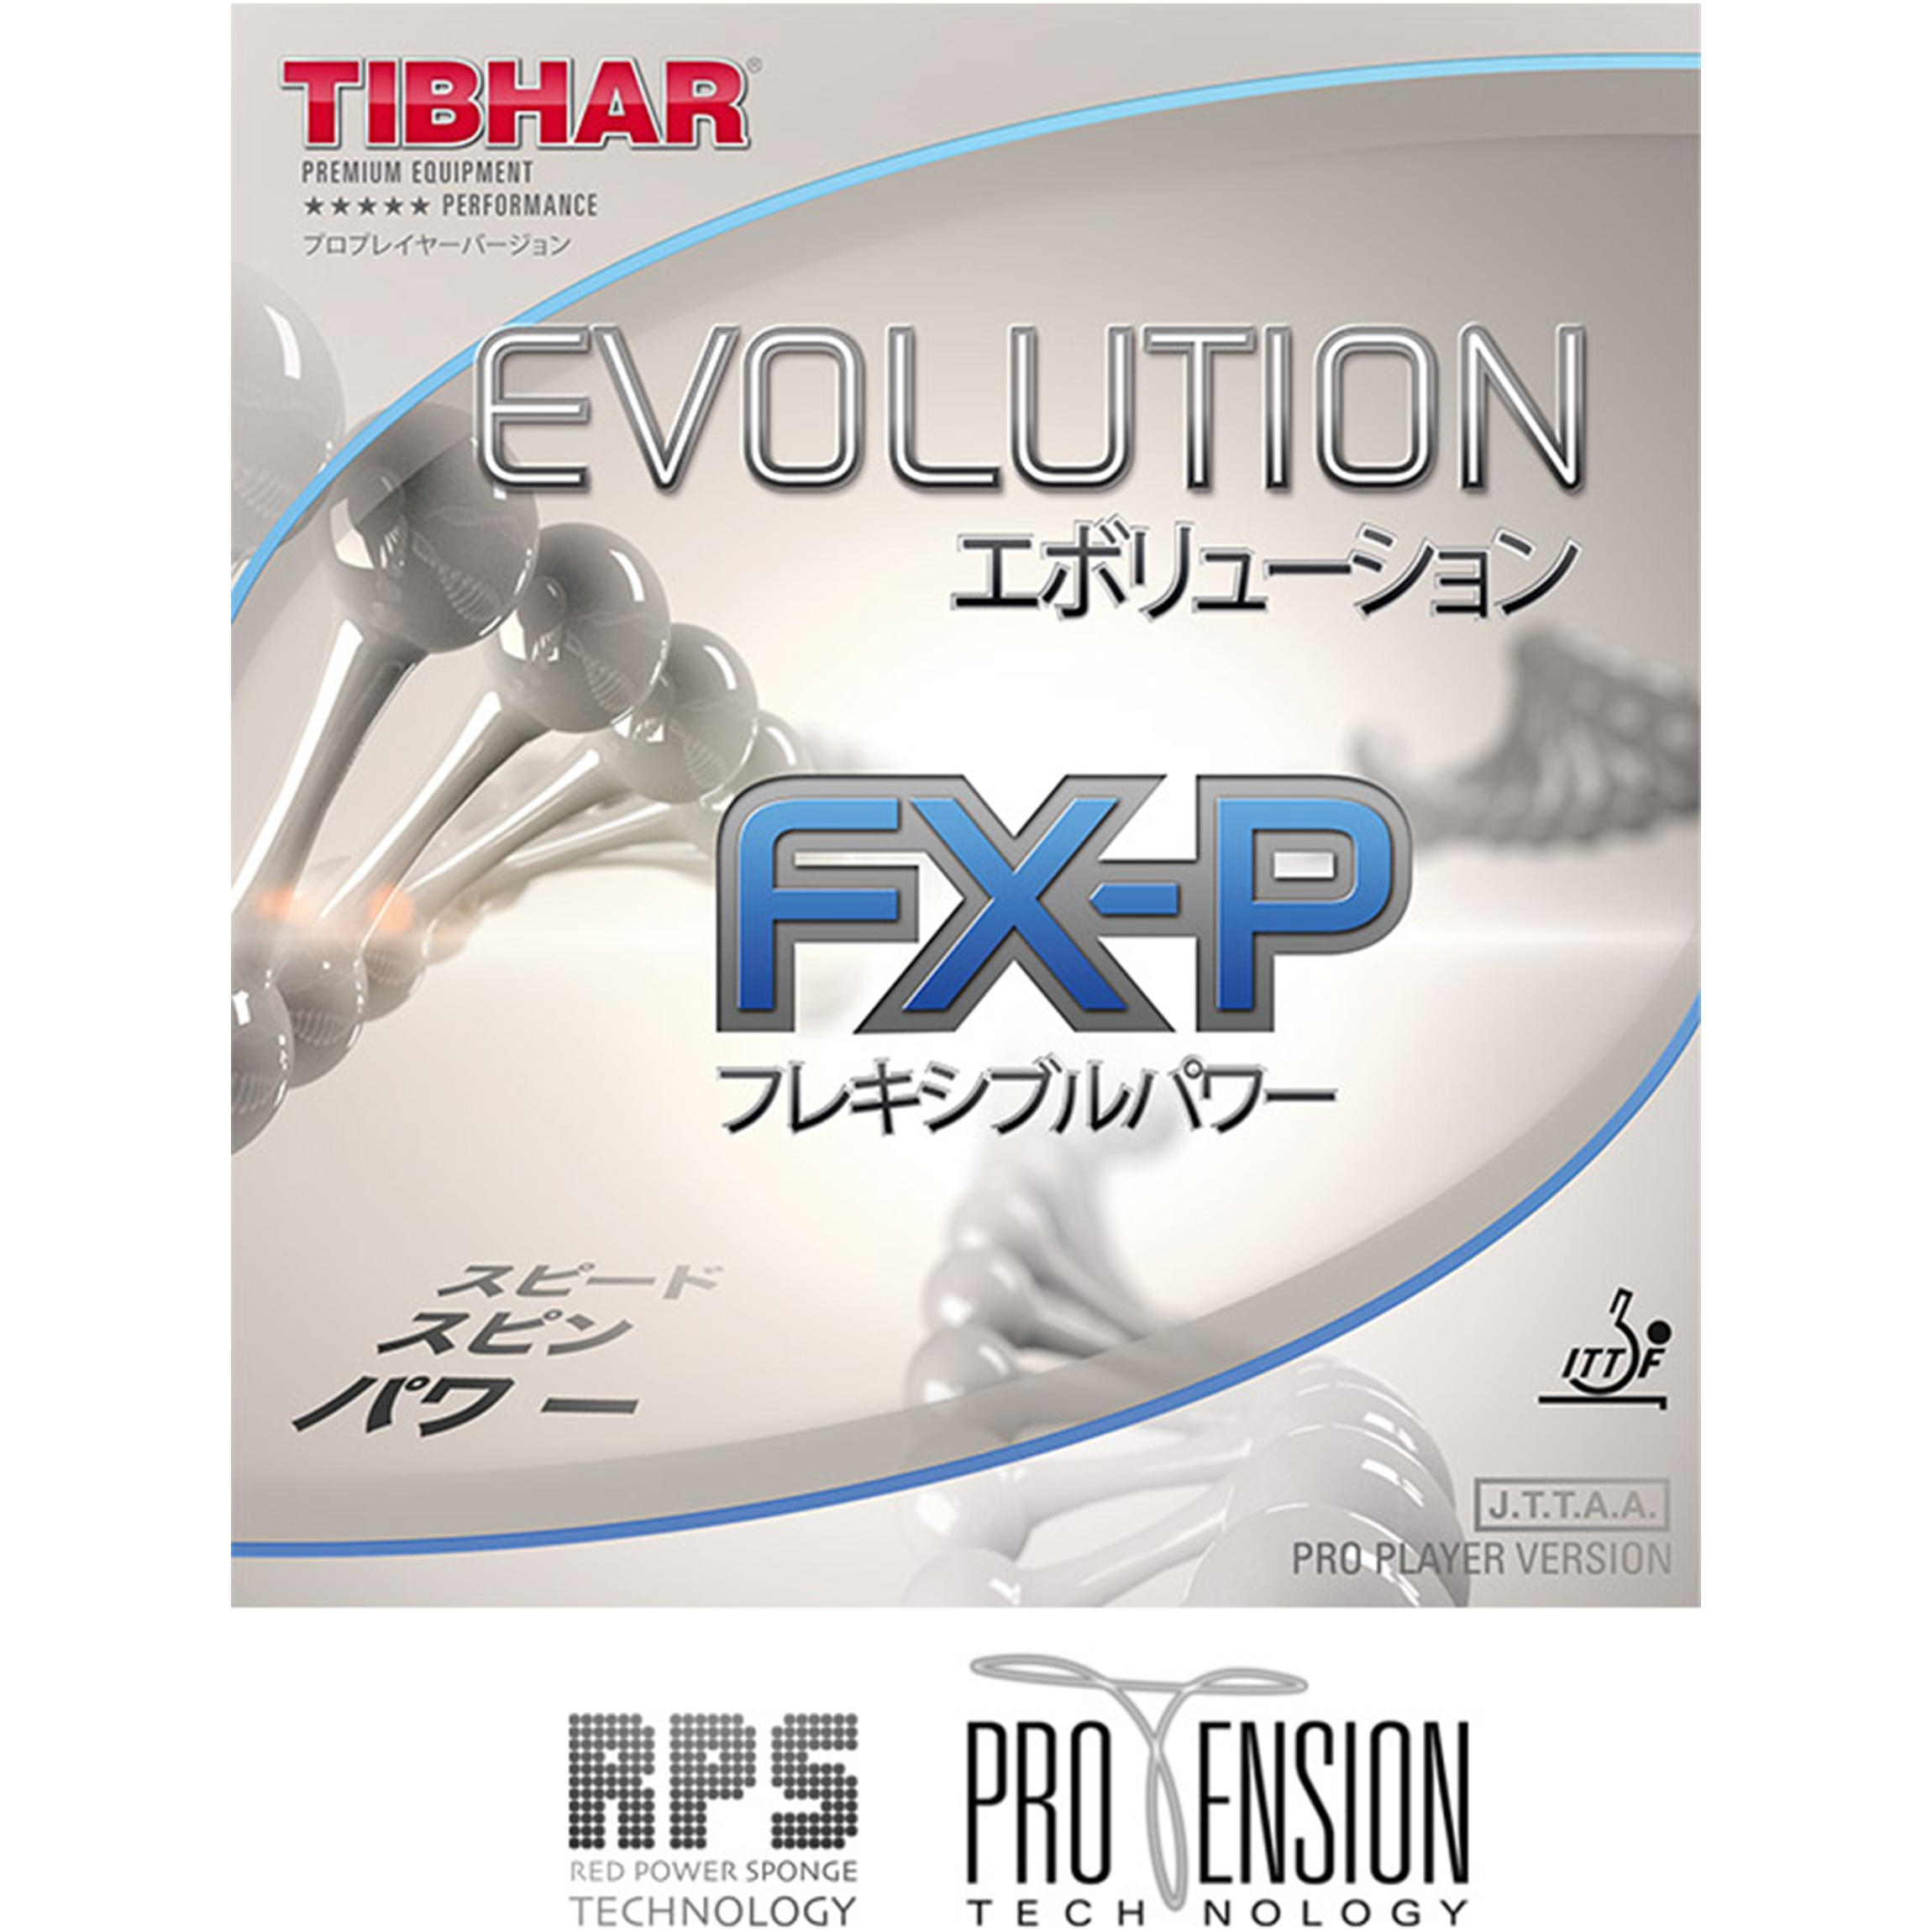 Față Evolution FX-P imagine